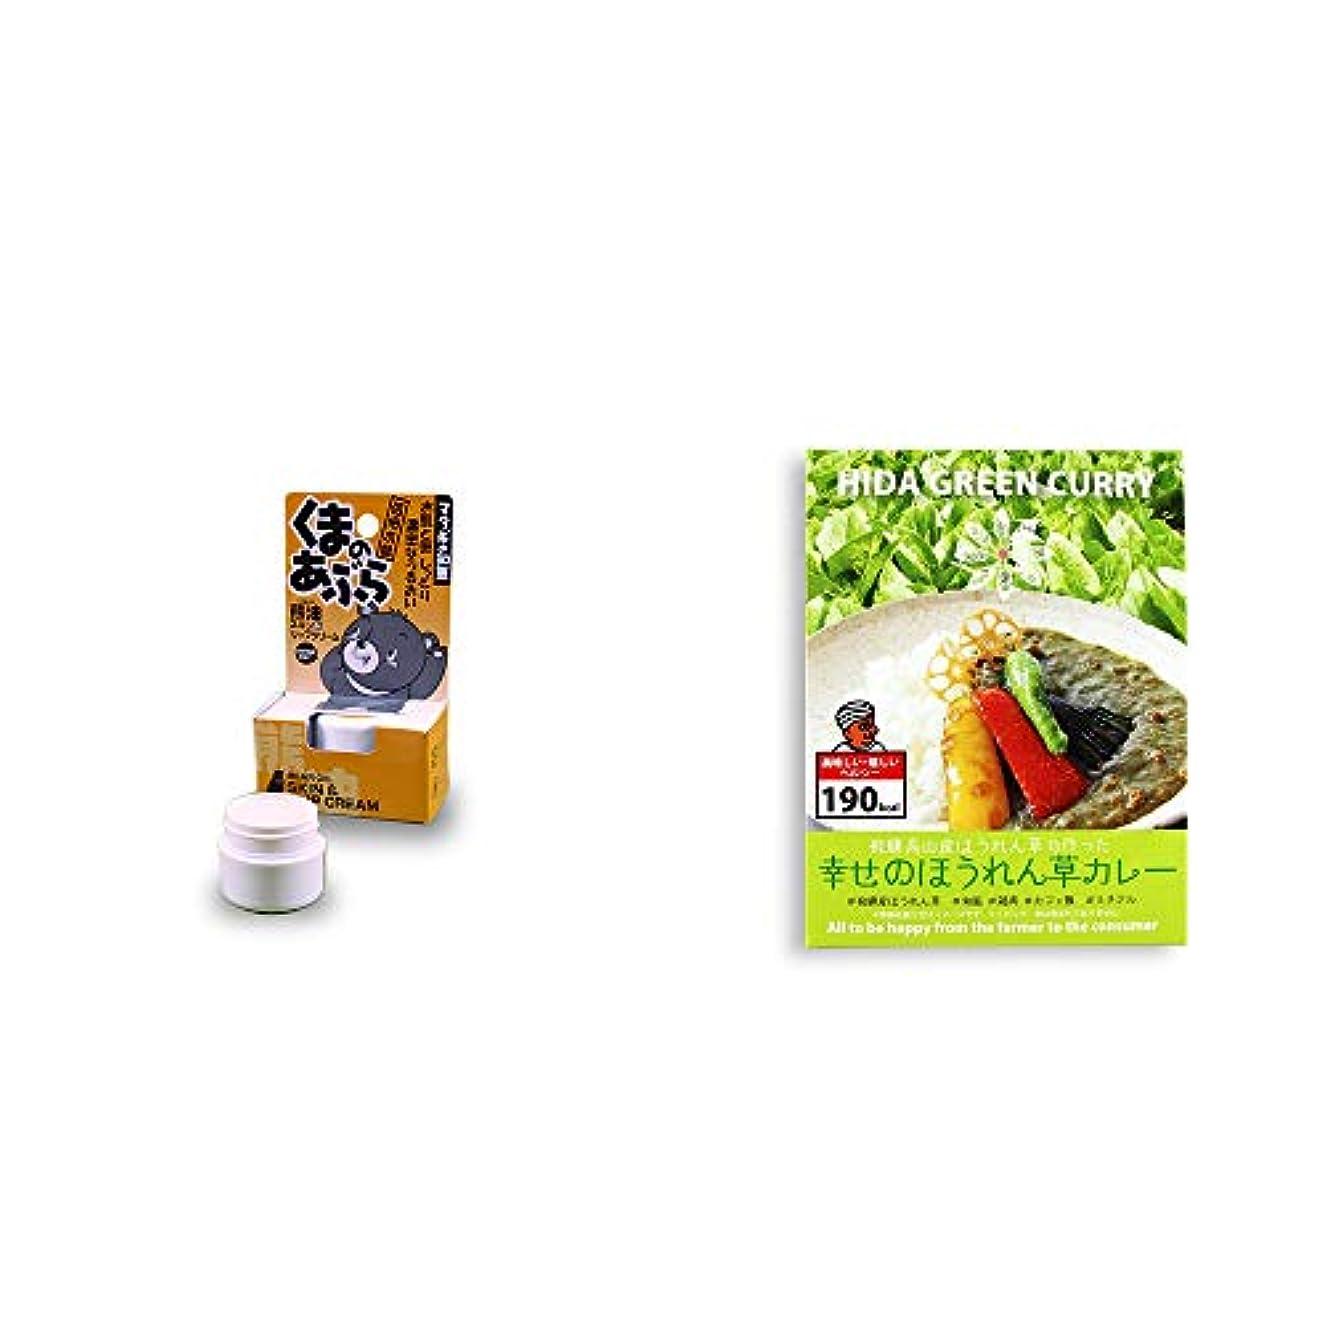 歩行者ばかげているしばしば[2点セット] 信州木曽 くまのあぶら 熊油スキン&リップクリーム(9g)?飛騨産 幸せのほうれん草カレー(180g)